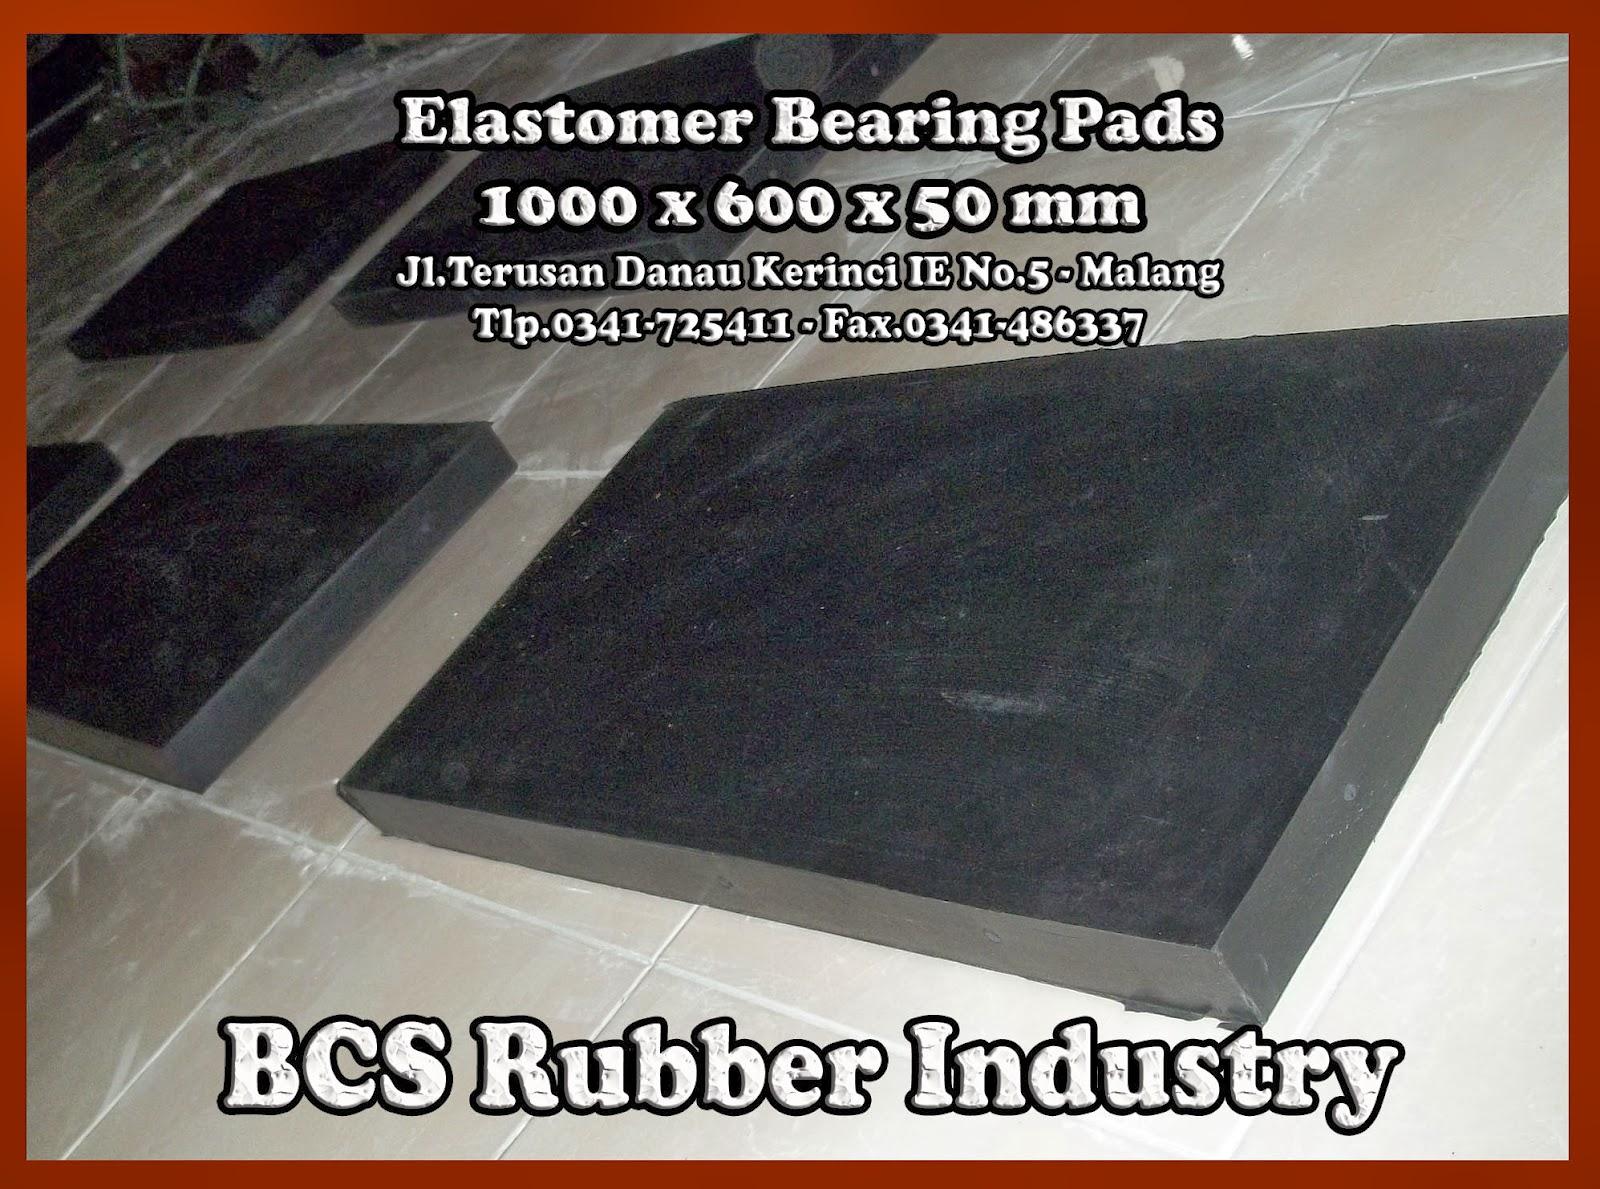 Elastomer Bearing Pads,Bantalan jembatan,Karet Bantalan Jembatan,Elastomeric Bearing Pads